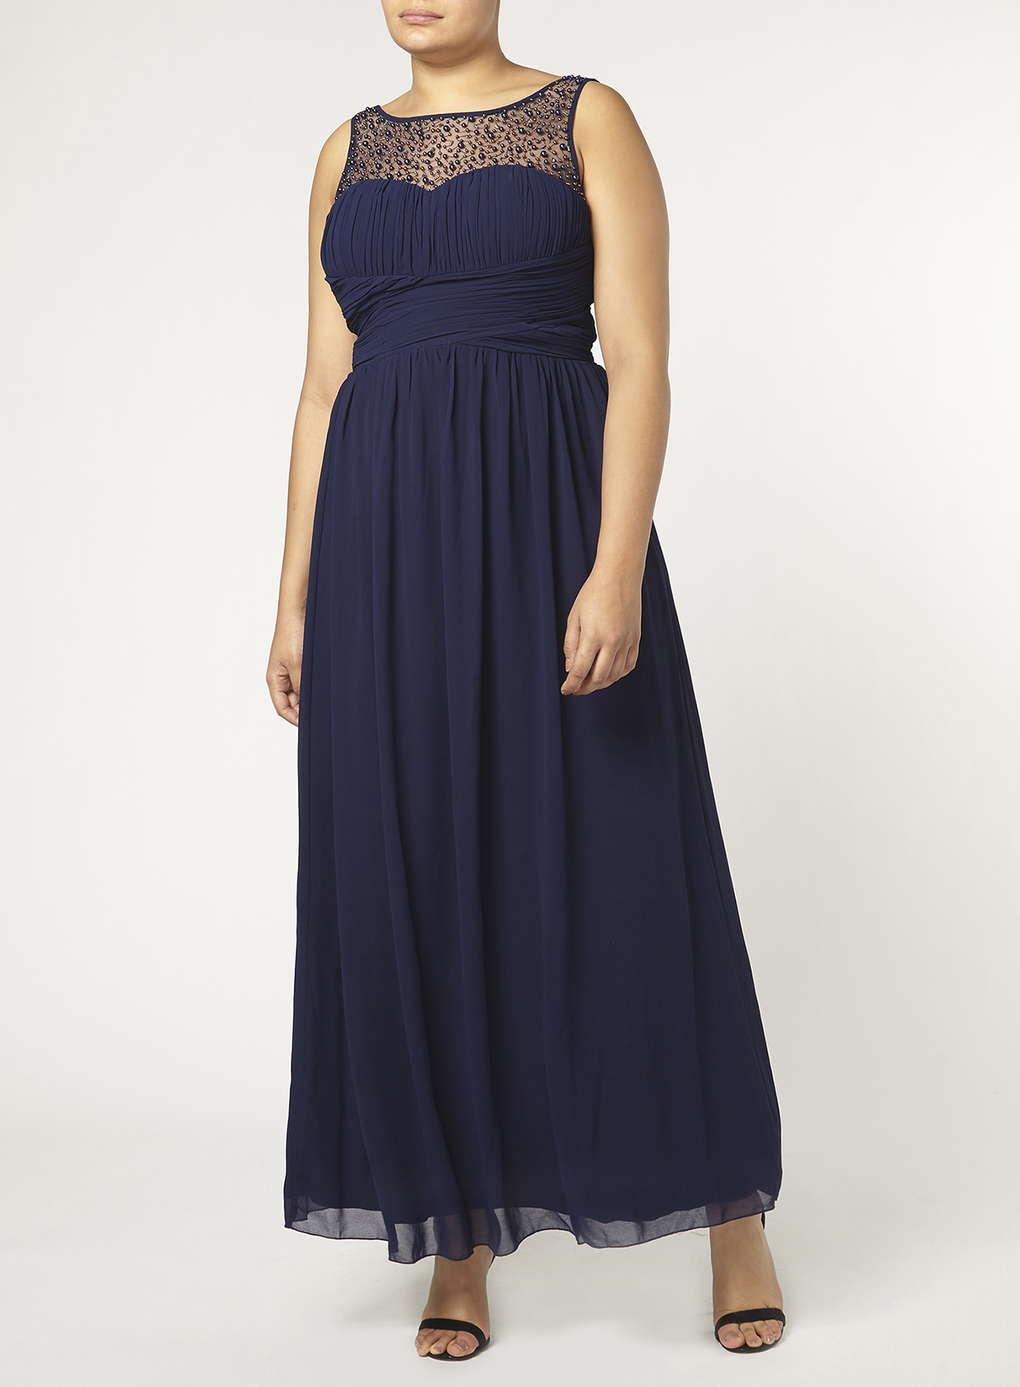 Büyük Beden Uzun Abiye Elbise Modelleri - Gece Elbiseleri - plus size dresses (26)